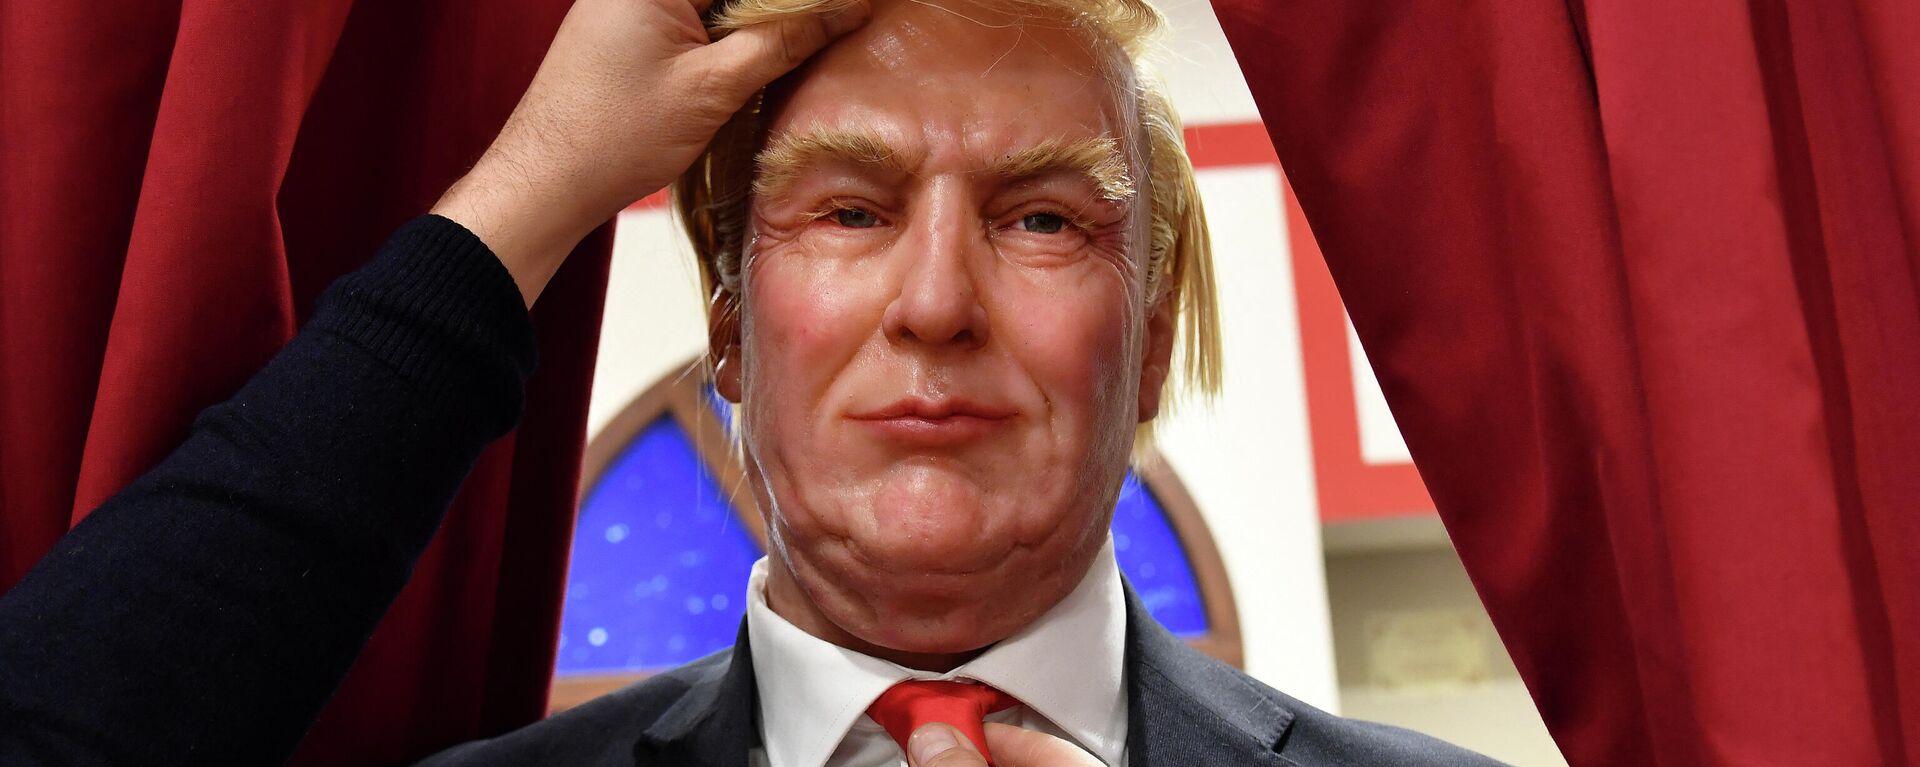 Die Skulptur des Ex-US-Präsidenten Donald Trump im Wachsmuseum von Rom, Dez. 8. 2016.  - SNA, 1920, 19.03.2021